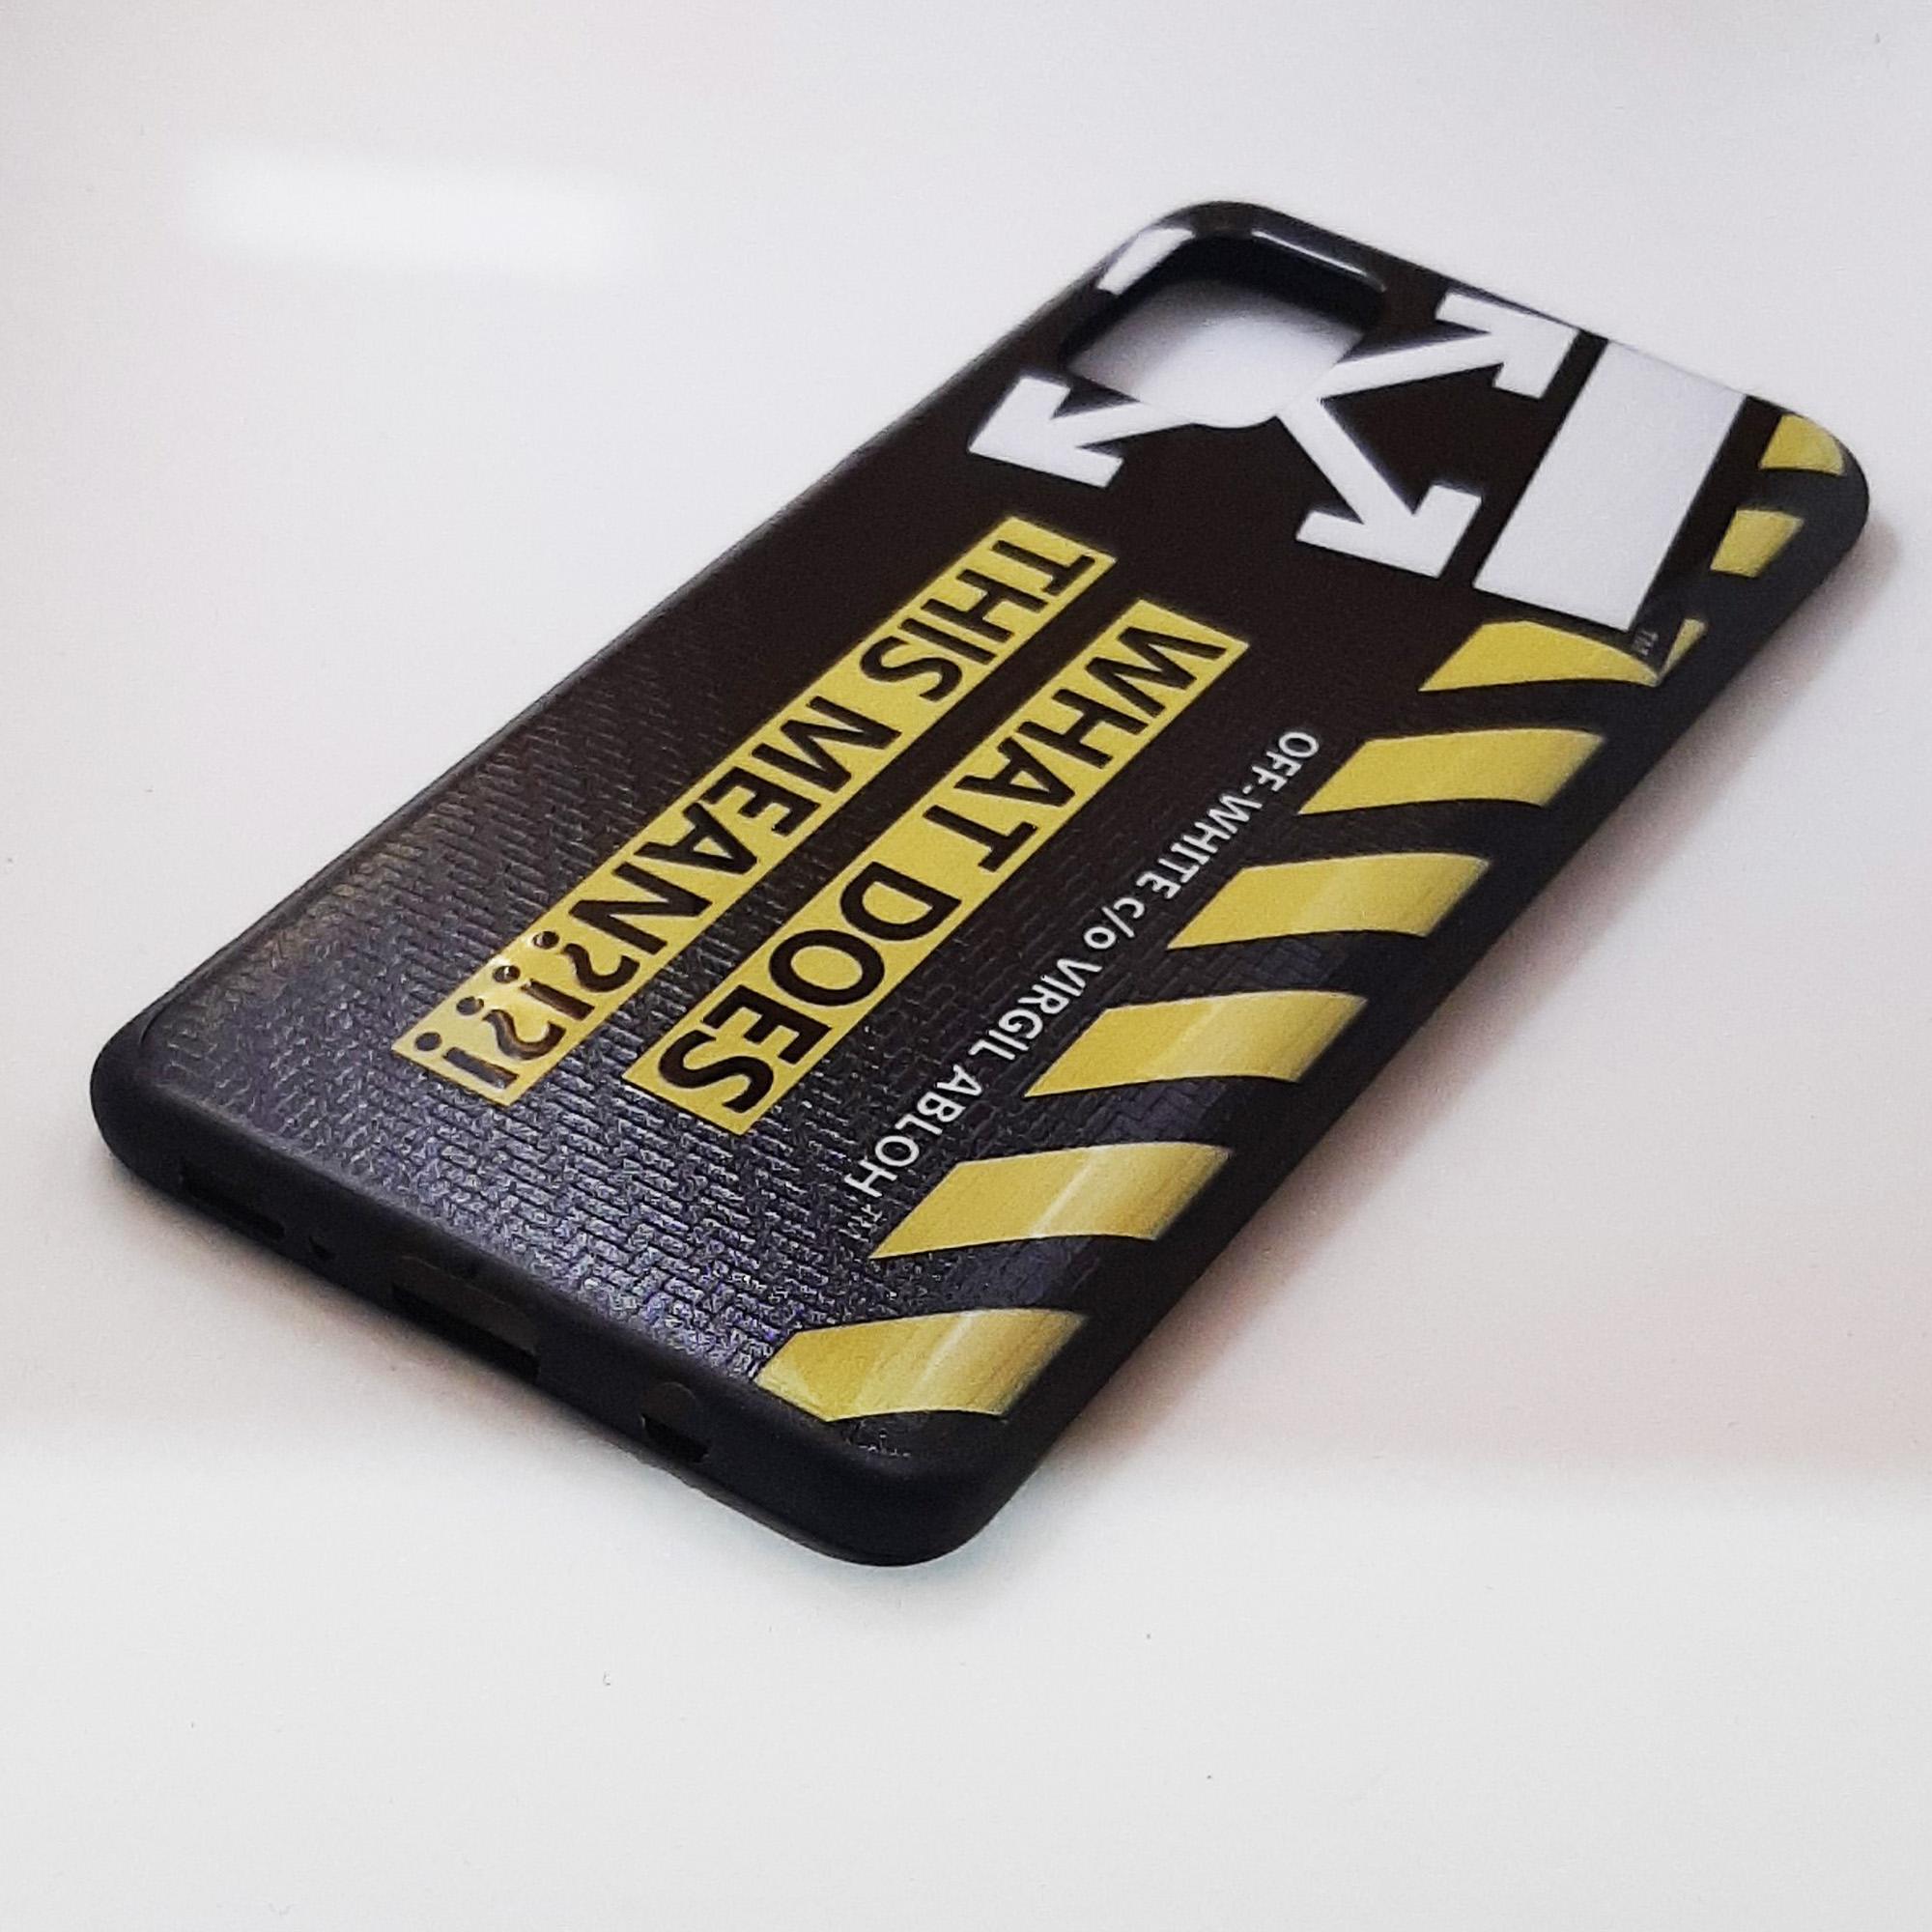 کاور کد CO343 مناسب برای گوشی موبایل سامسونگ  Galaxy A51 thumb 2 2